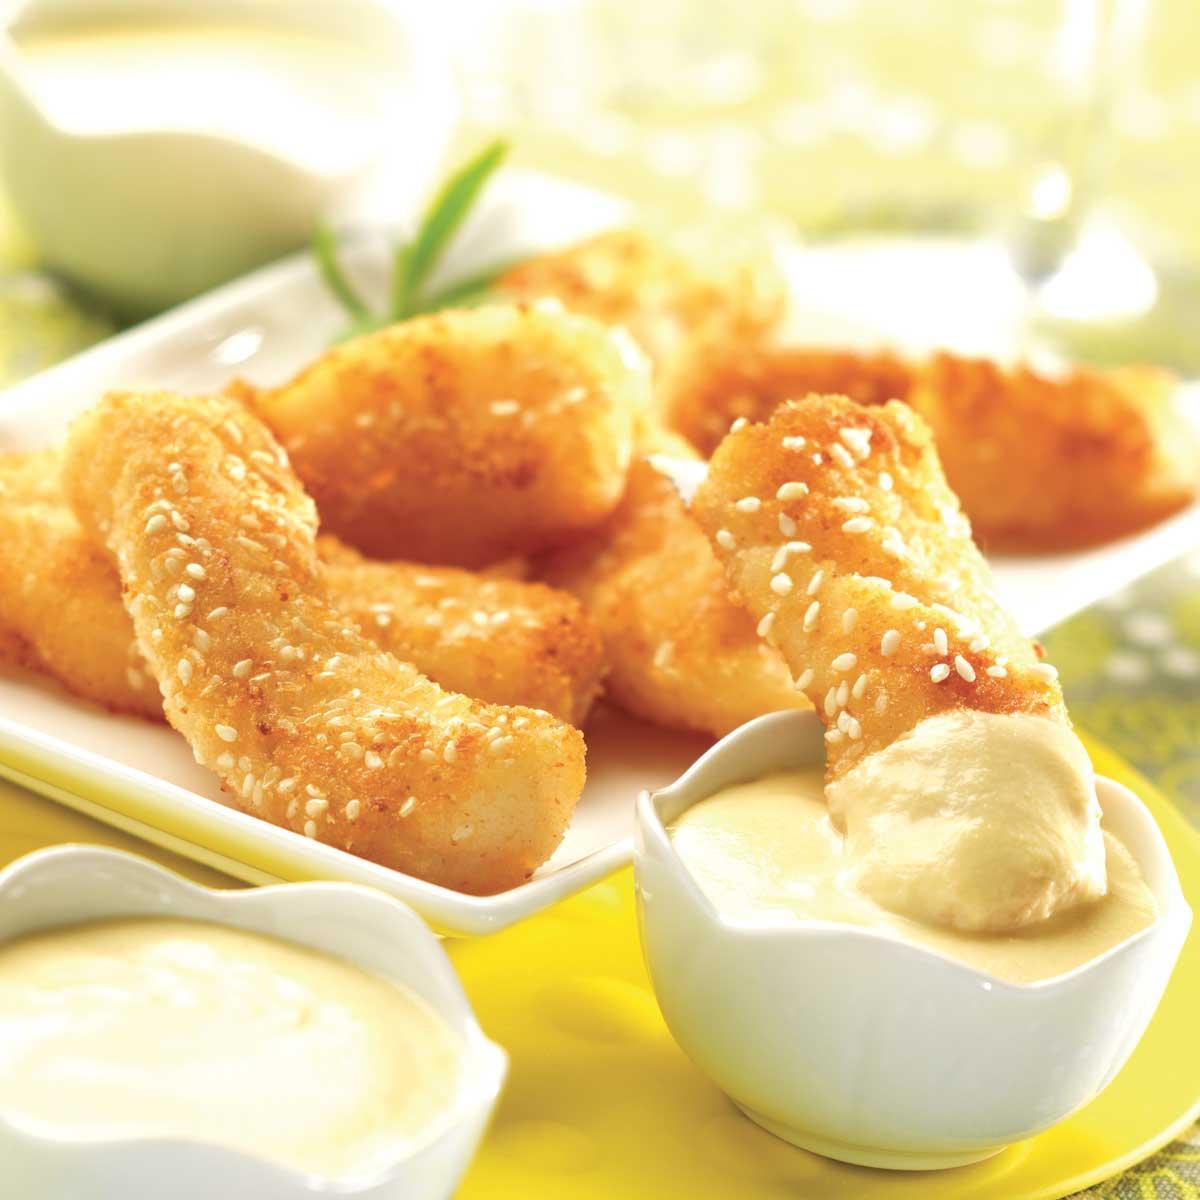 Recette Nuggets De Poulet Rapides Facile: Recette Nuggets De Poisson, Sauce Au Beurre Blanc